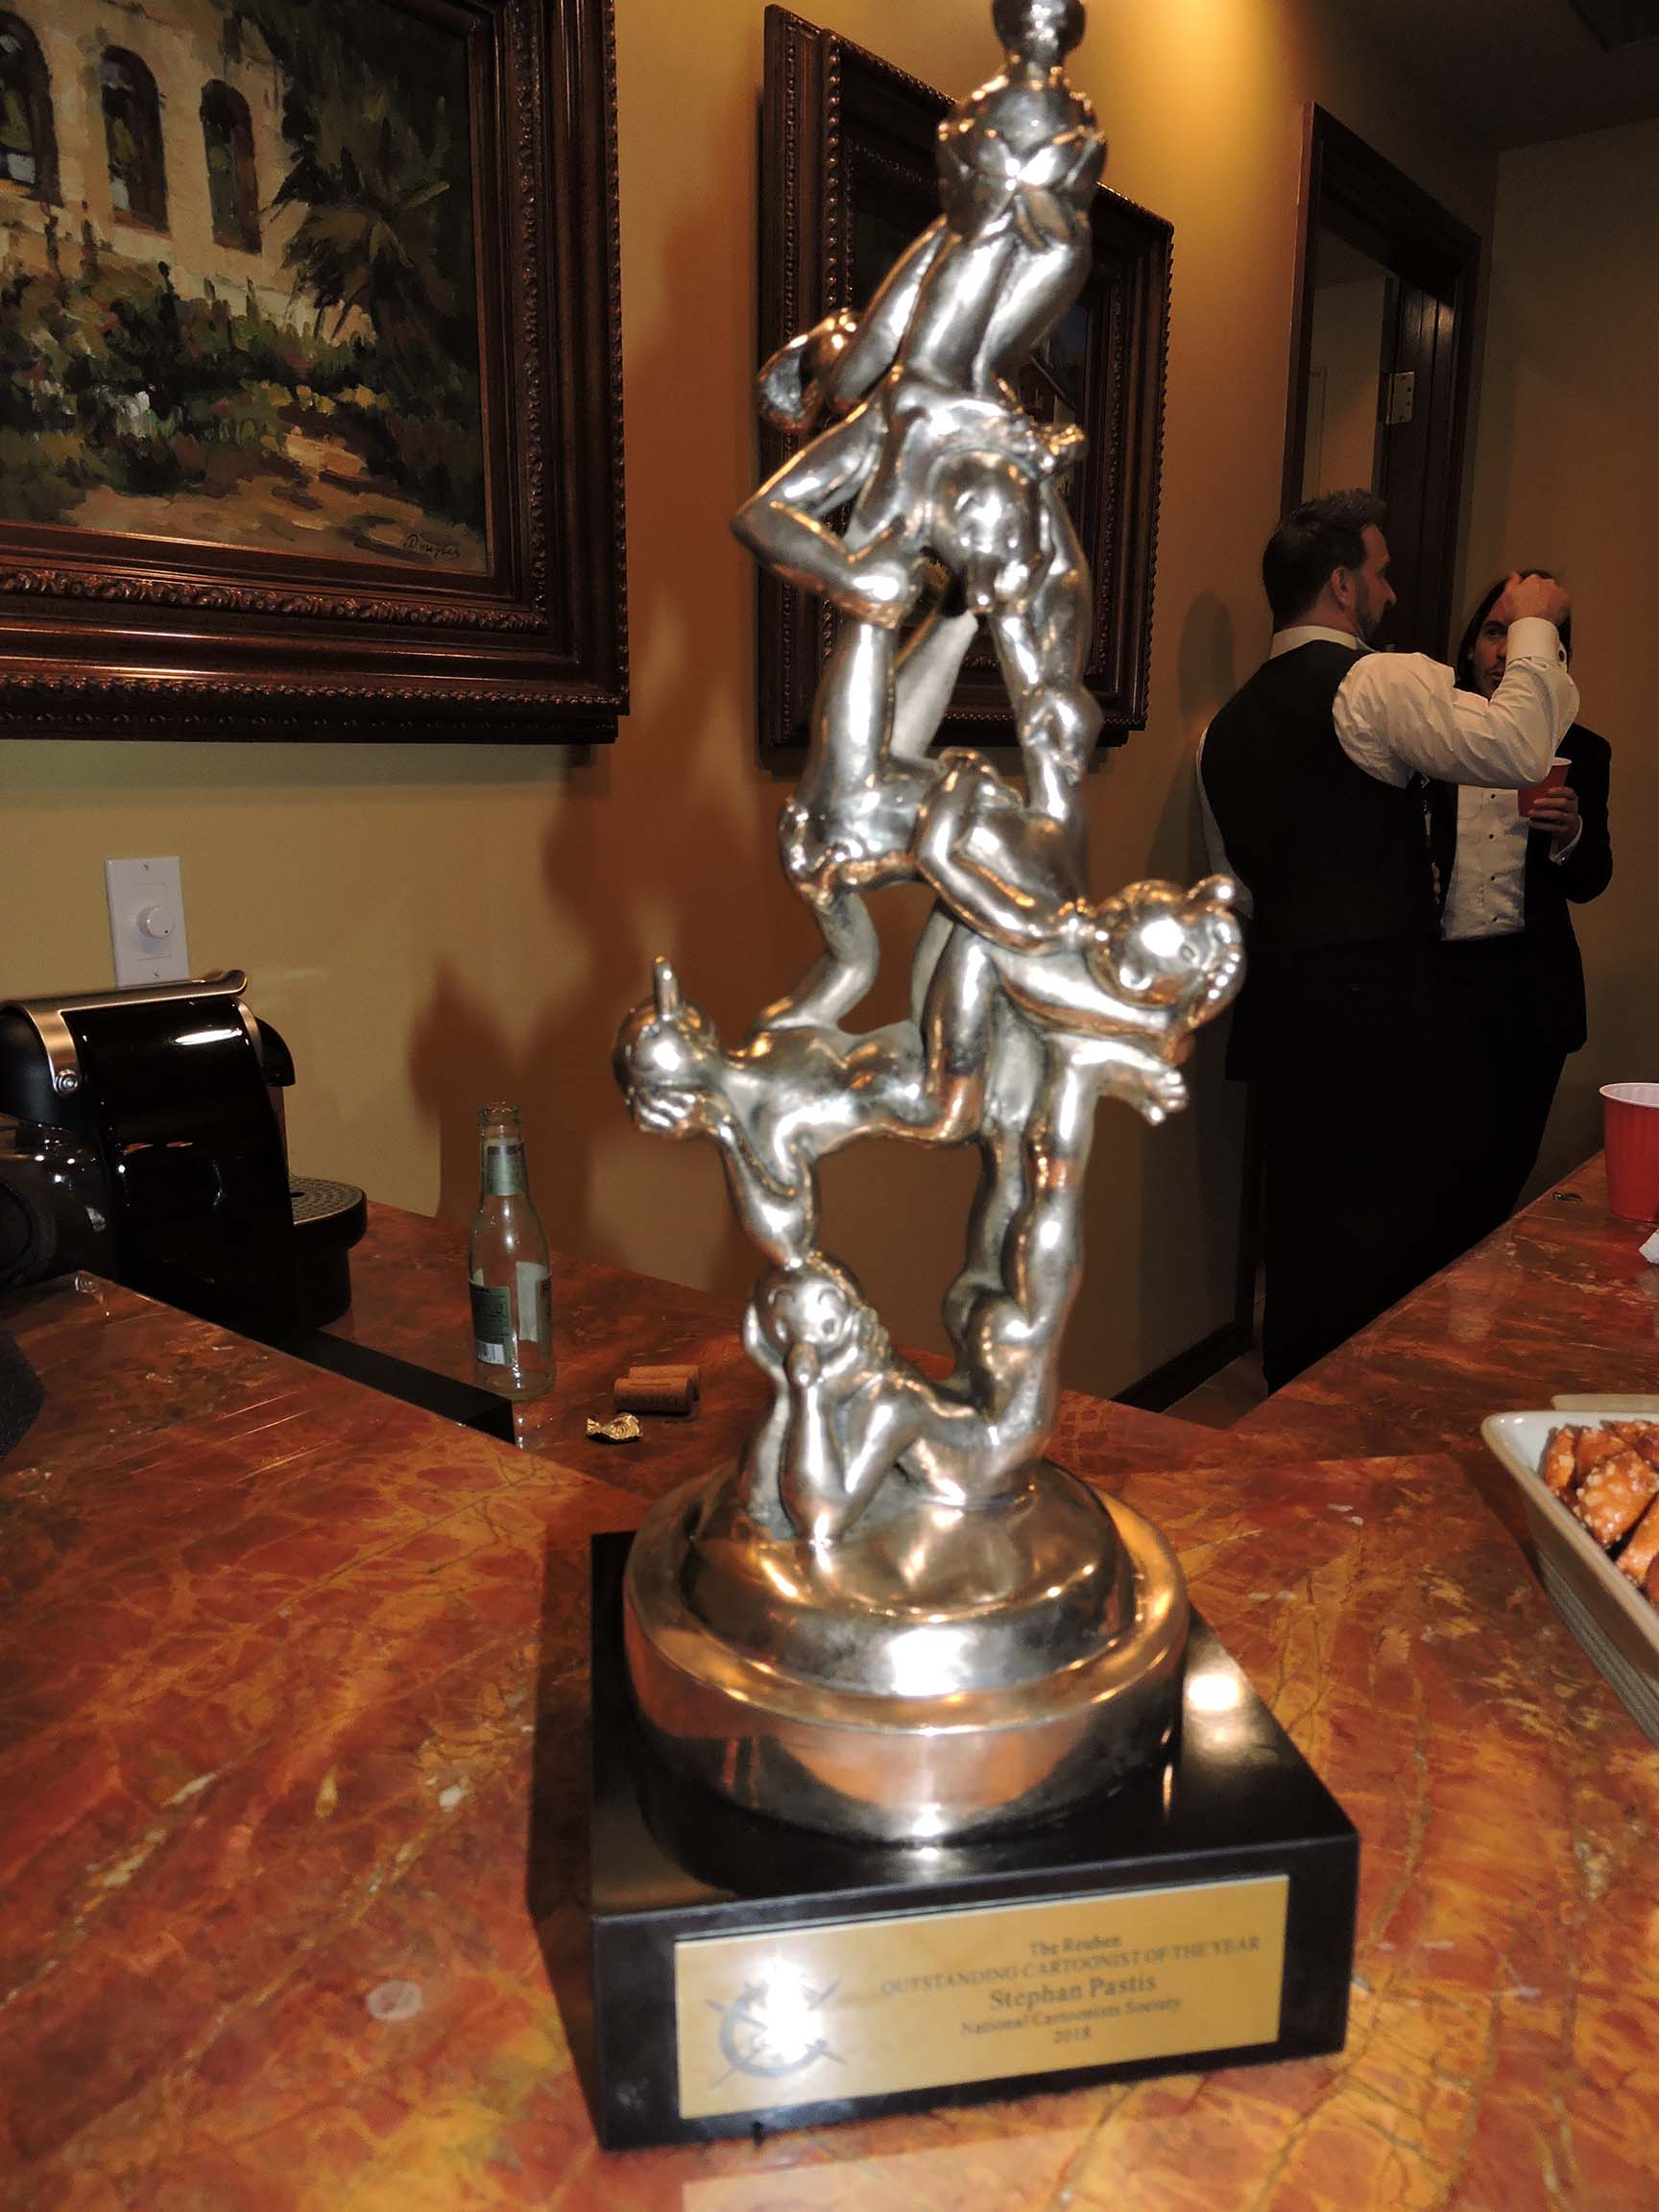 The Reuben Award